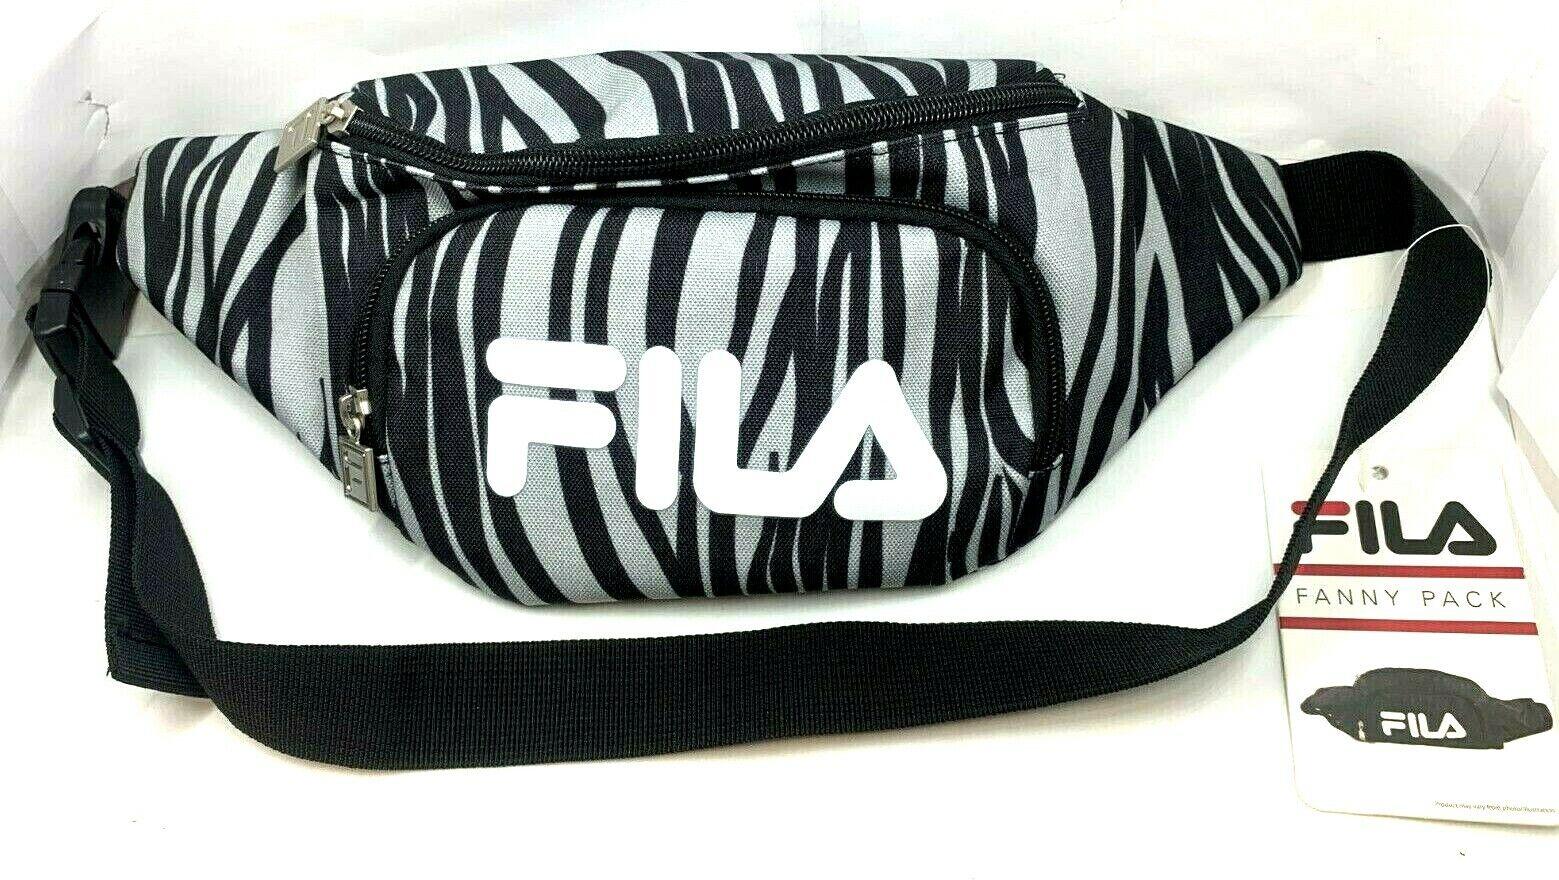 Fila fanny pack wait bag adjustable shoulder crossbody bag